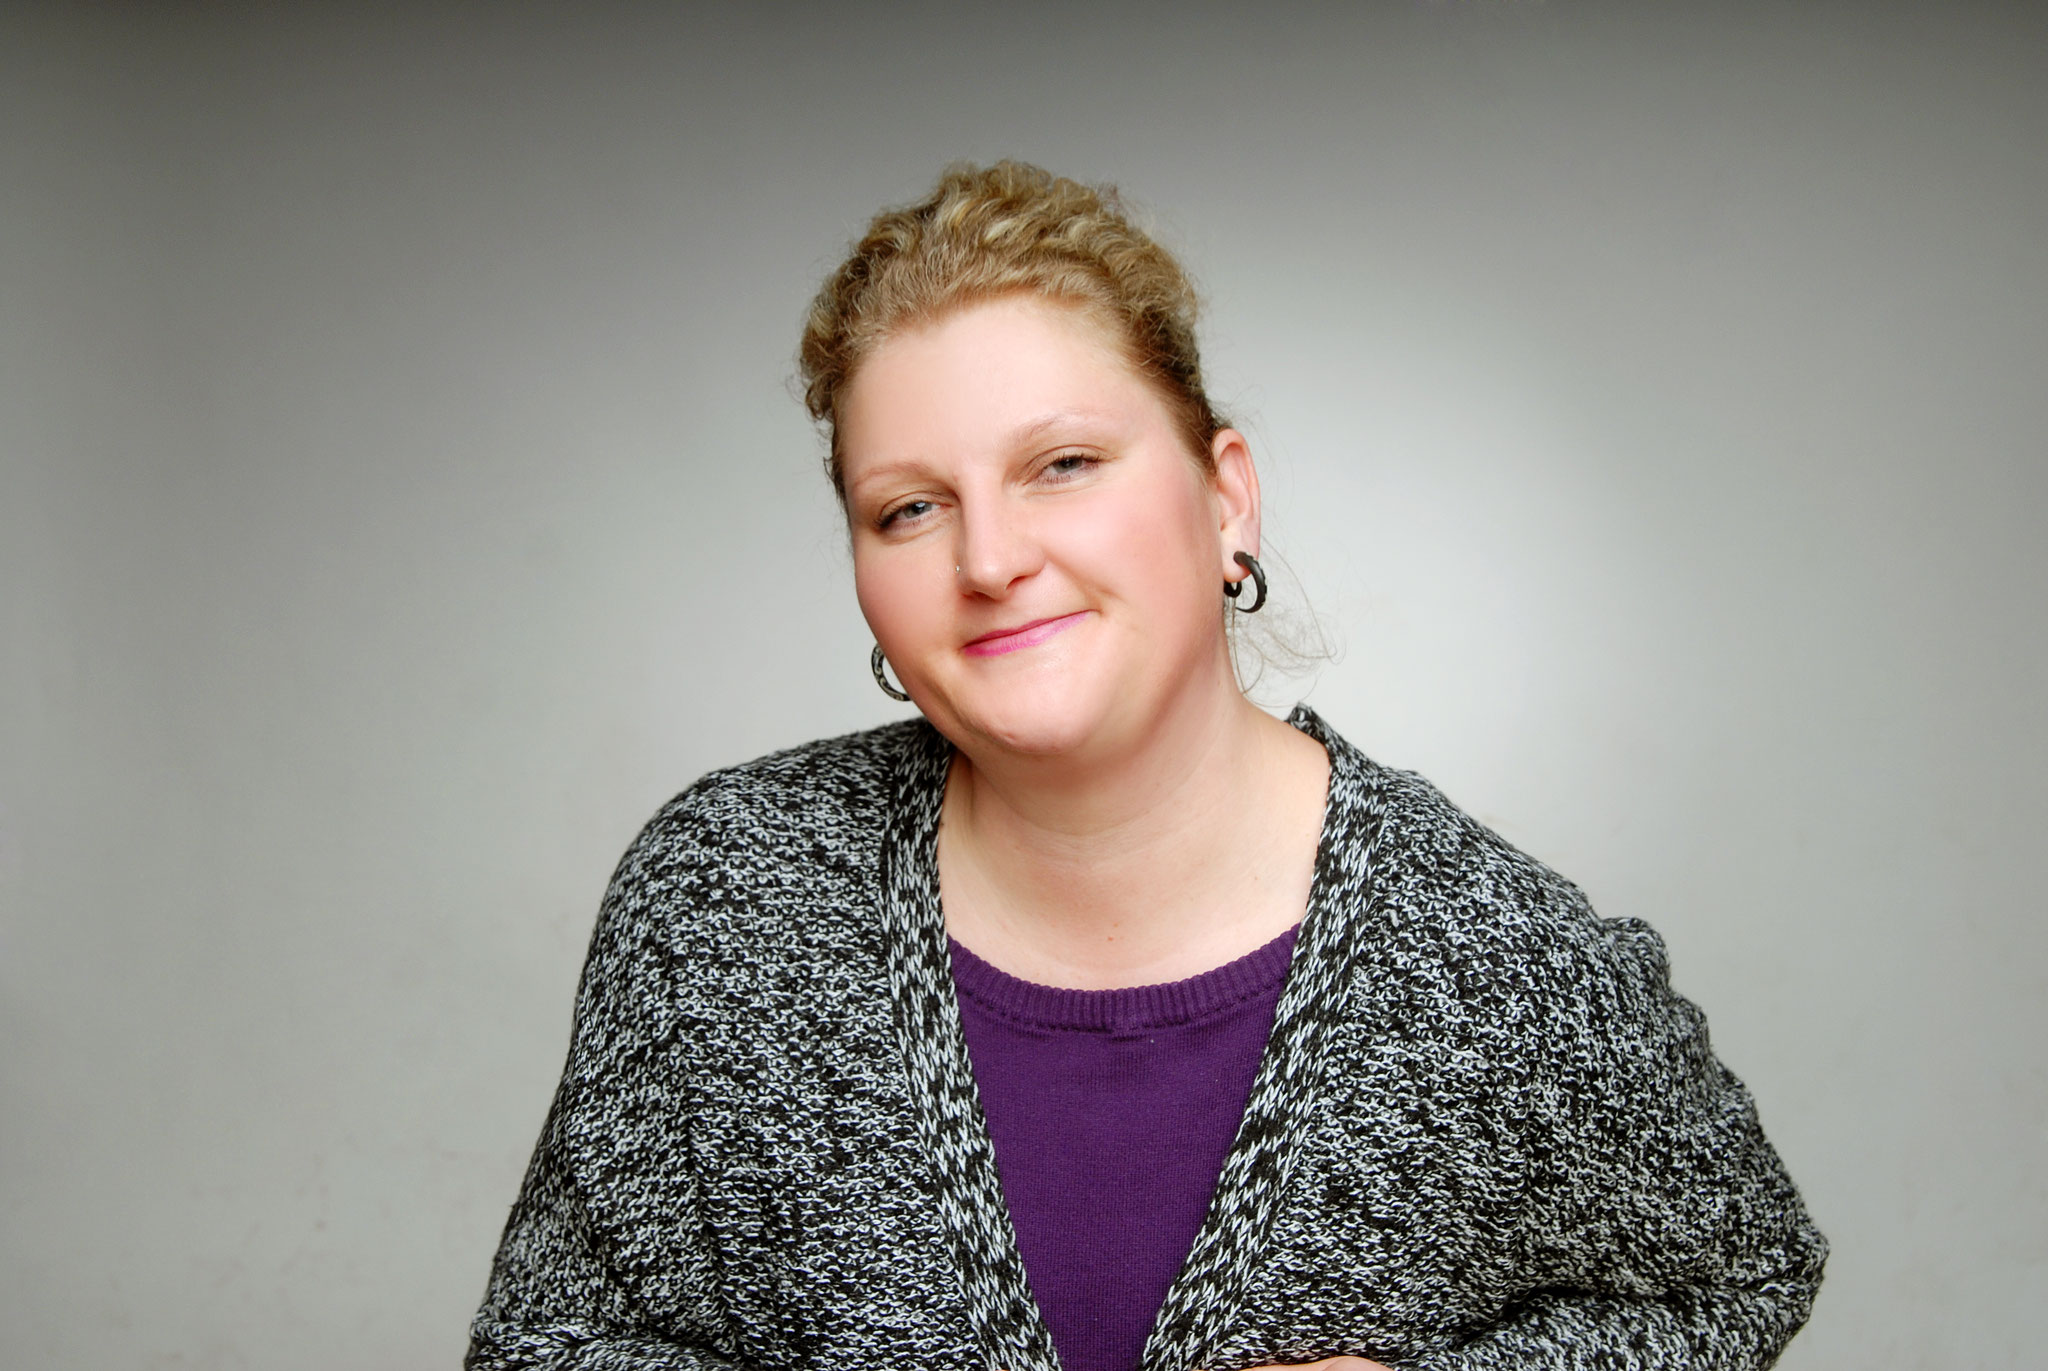 Gesundheits- und Kinderkrankenpflegerin Ines Mathy